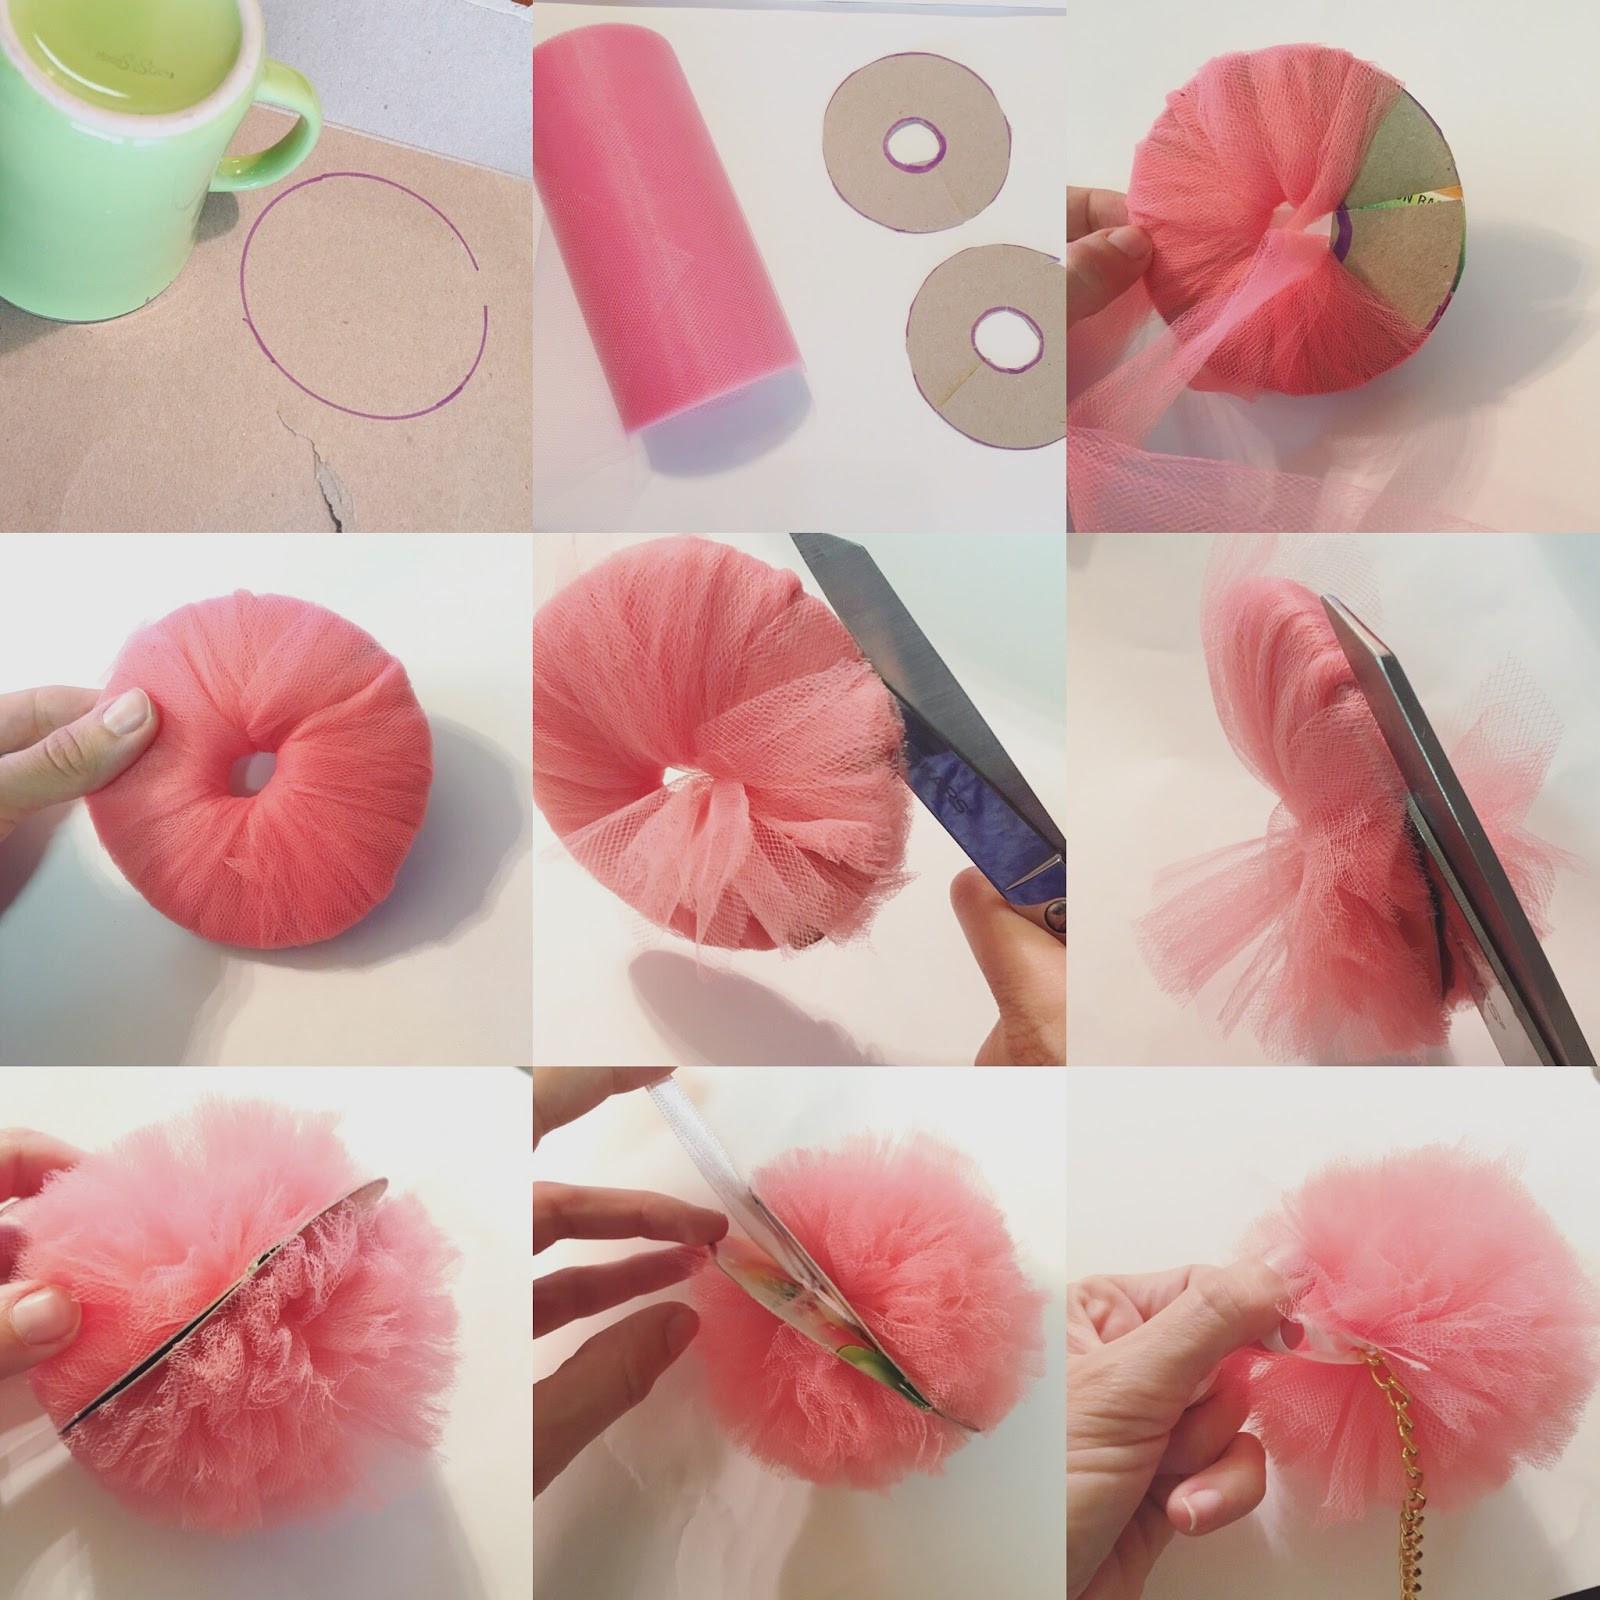 Diy Pom Poms  Trash To Couture DIY Pom Pom key chain